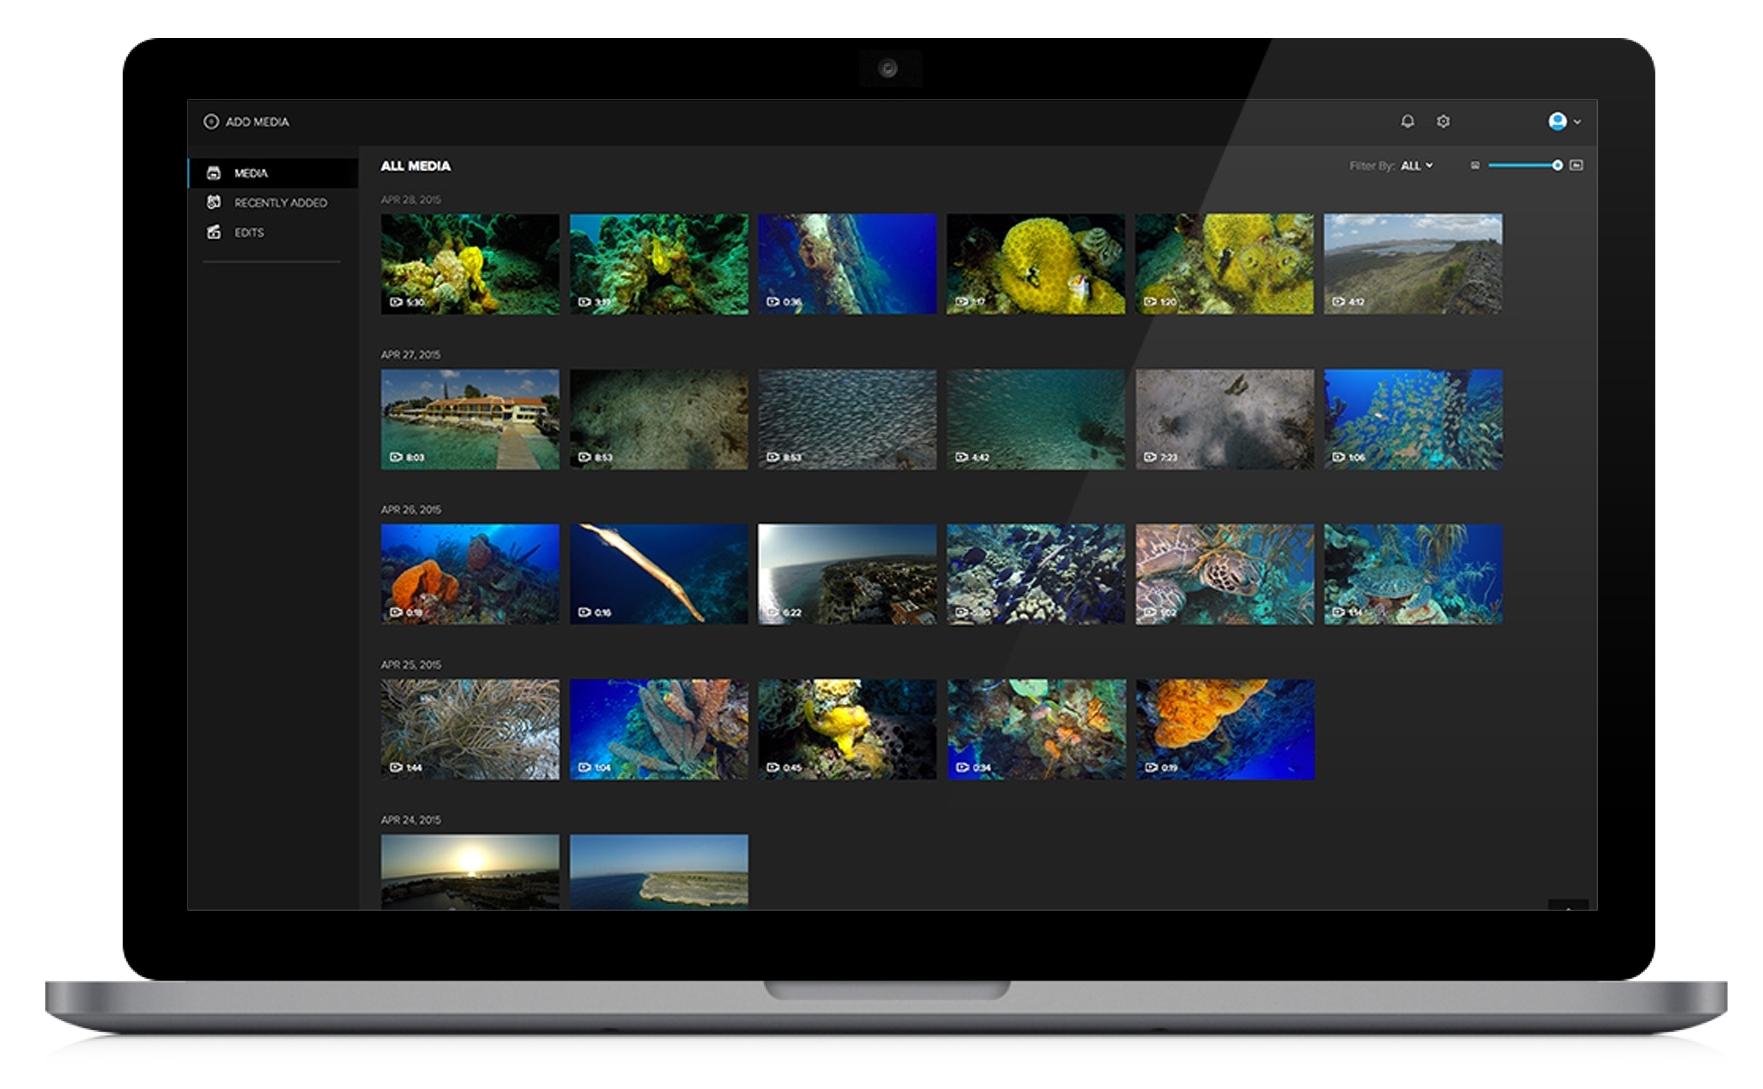 GoPro Desktop App - Media management made easy.